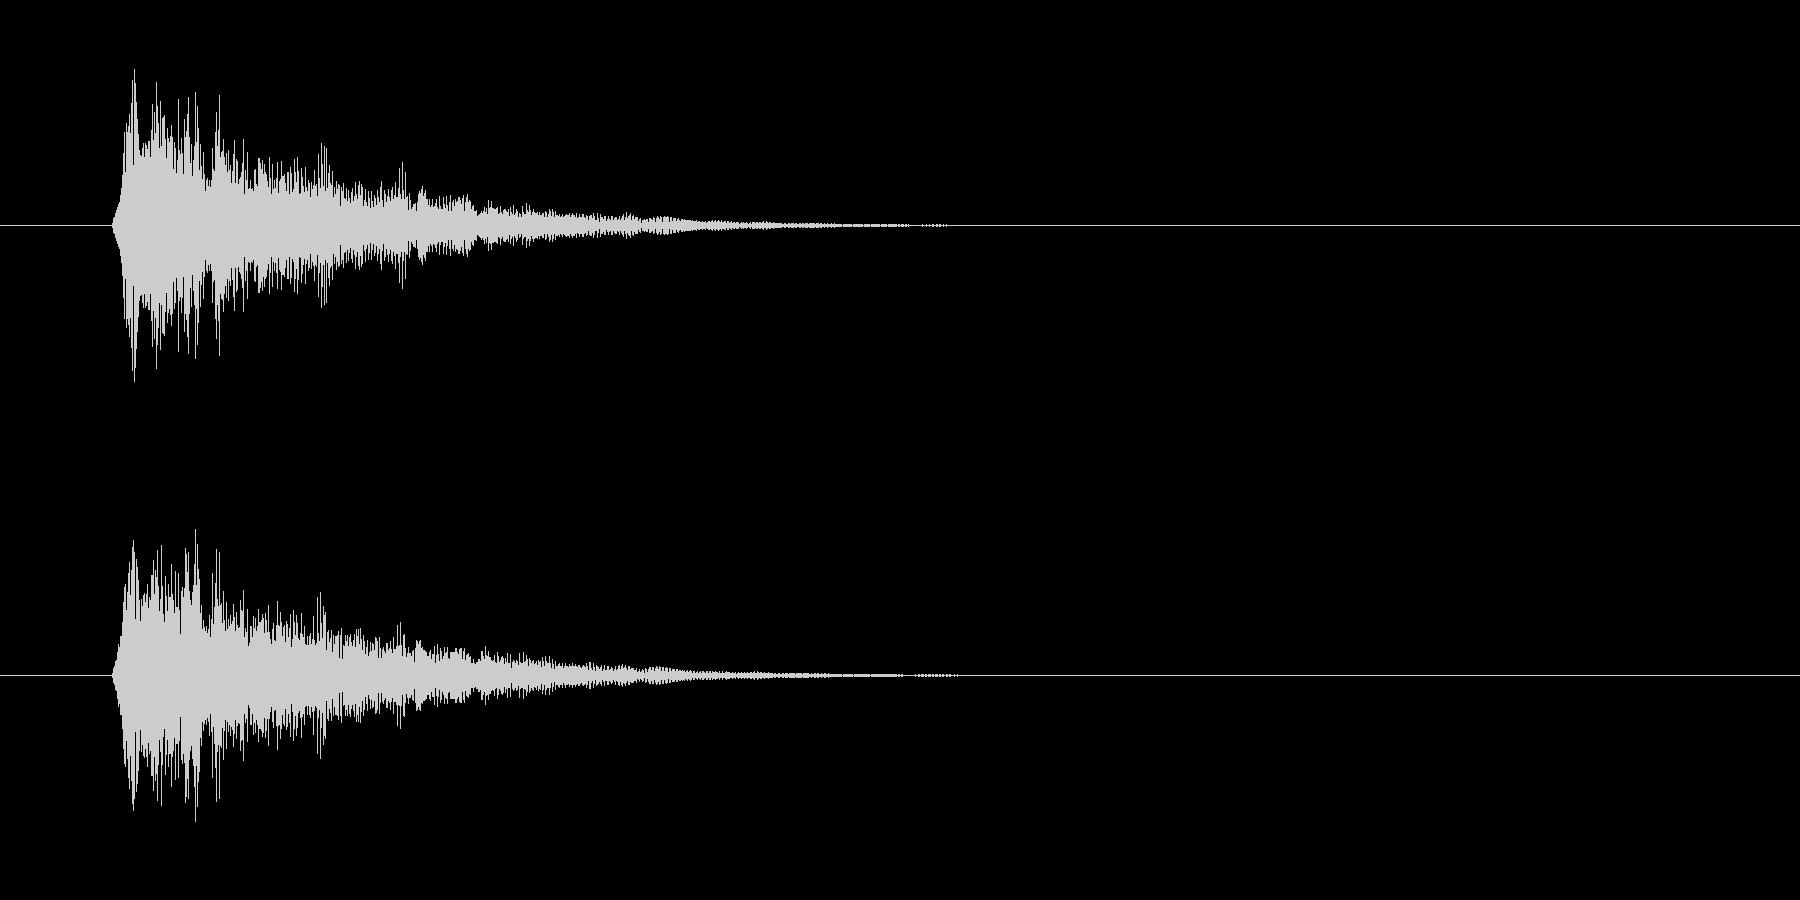 短いボタン音です。OKボタンなど、肯定…の未再生の波形